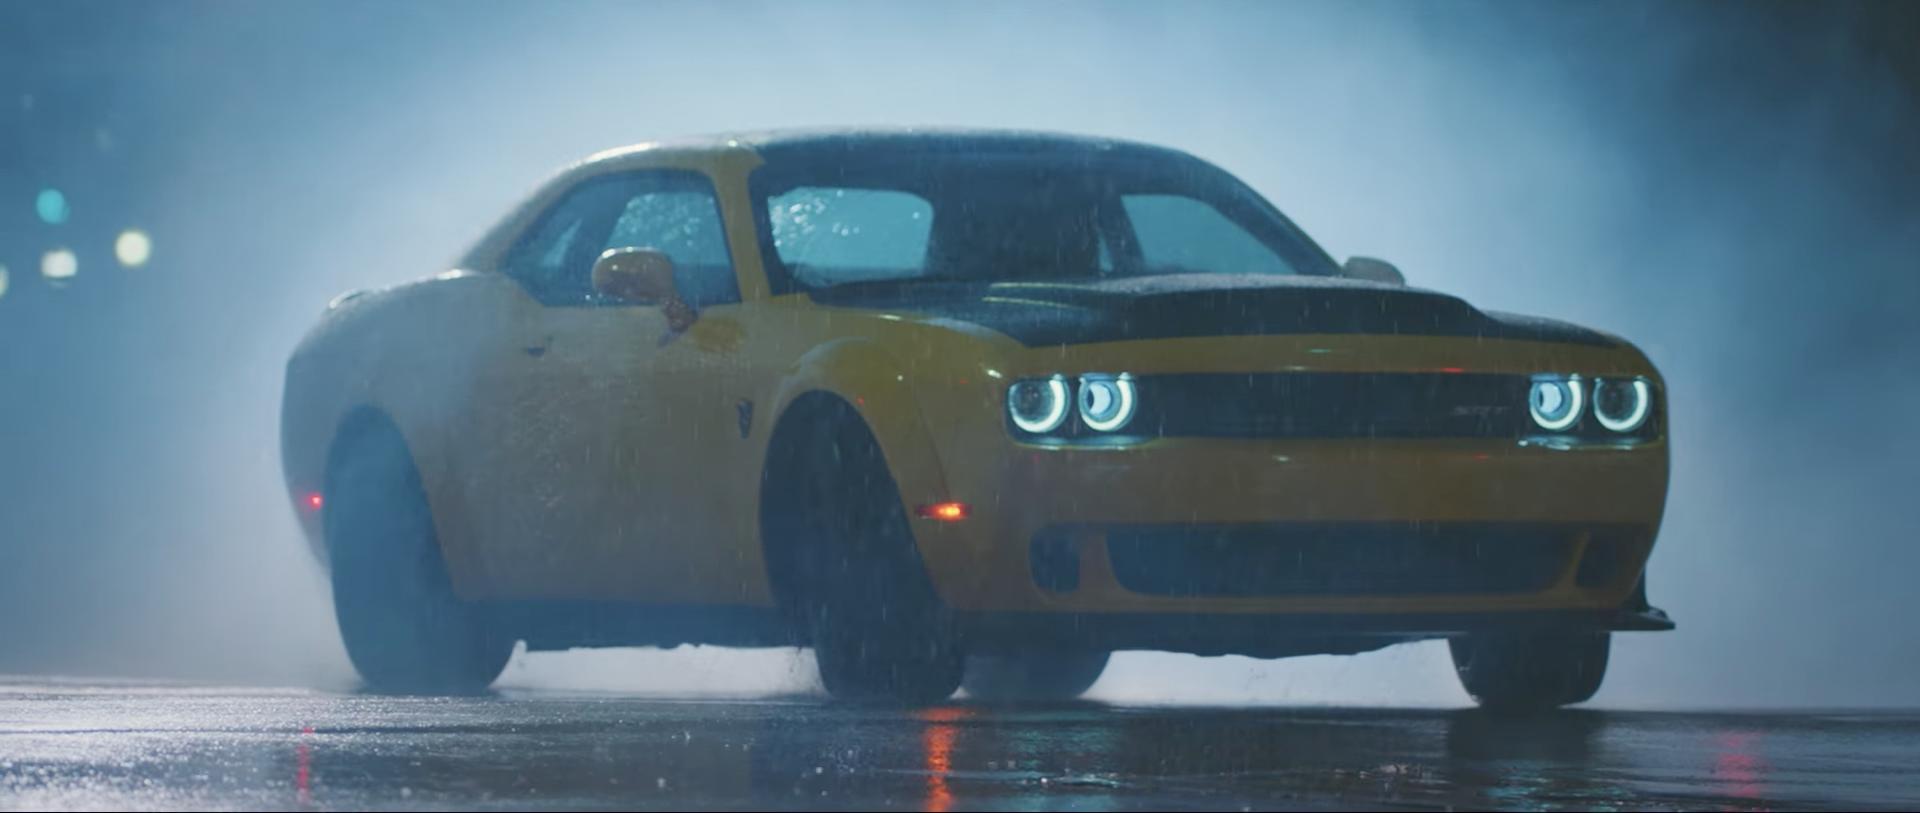 Sube el volumen y pon este vídeo a pantalla completa: el Dodge Challenger SRT Demon no sólo quema rueda en línea recta